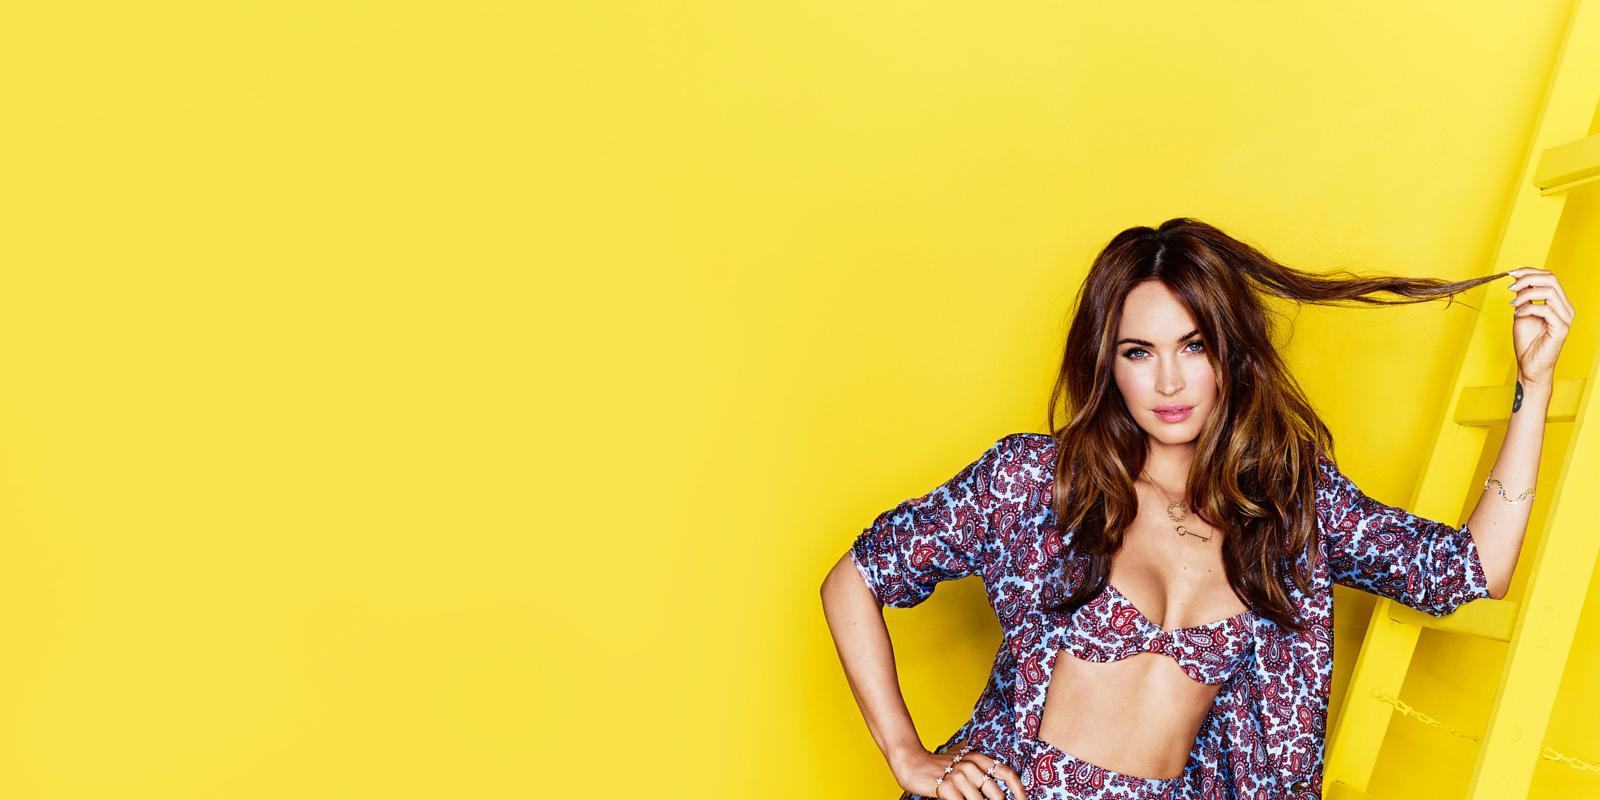 Megan Fox, Akhirnya Terima Tawaran jadi Model Lingerie